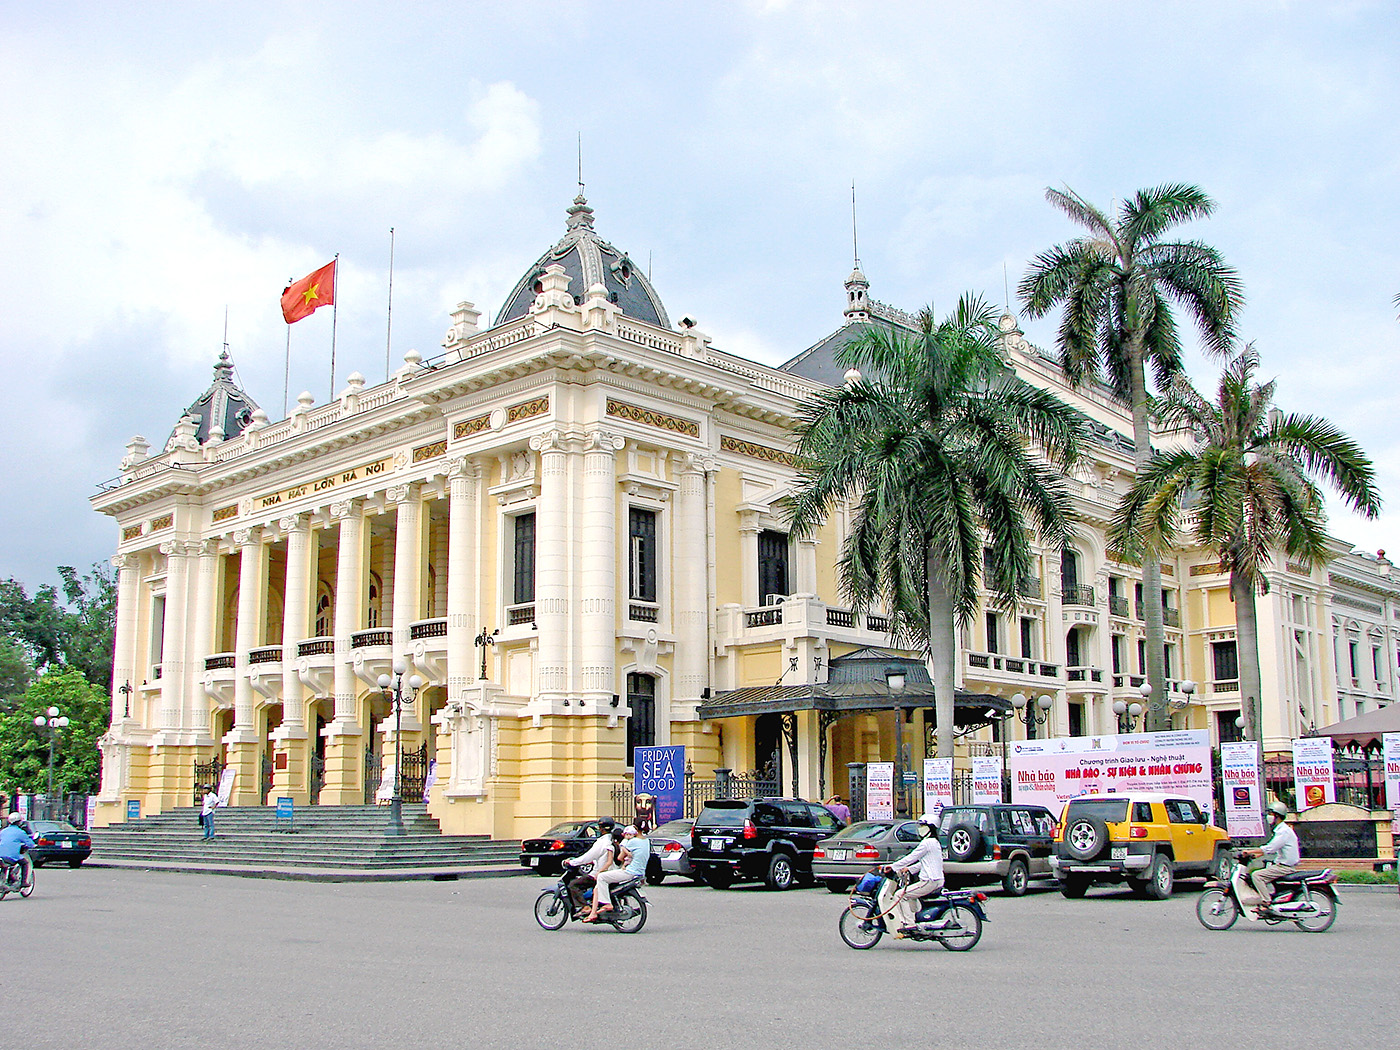 скорей всего вьетнам театр фото этом обзоре расскажем